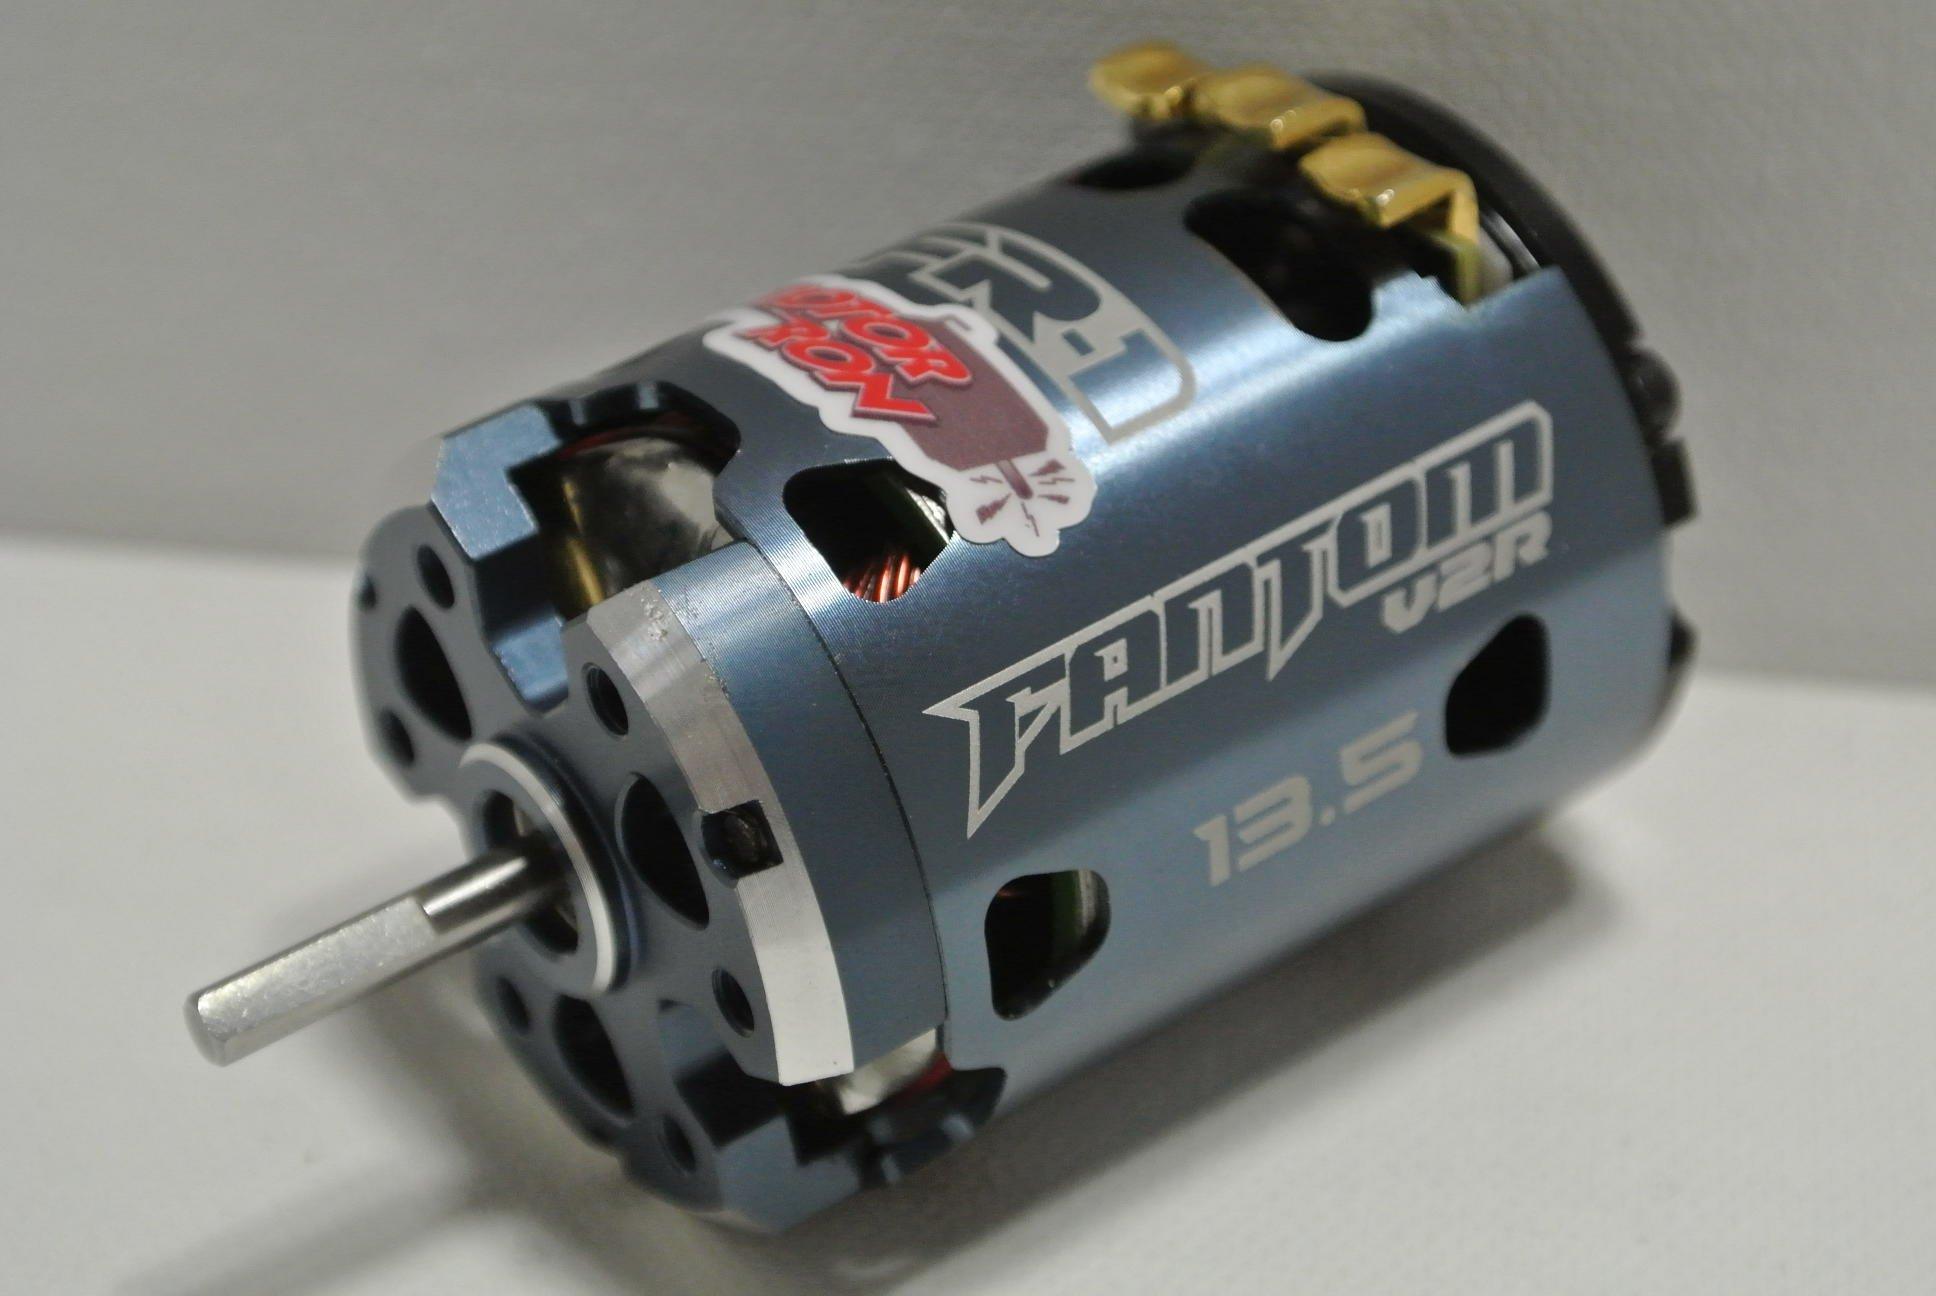 Fantom V2r 13 5 Works Plus Dyno Tuned Brushless Motor